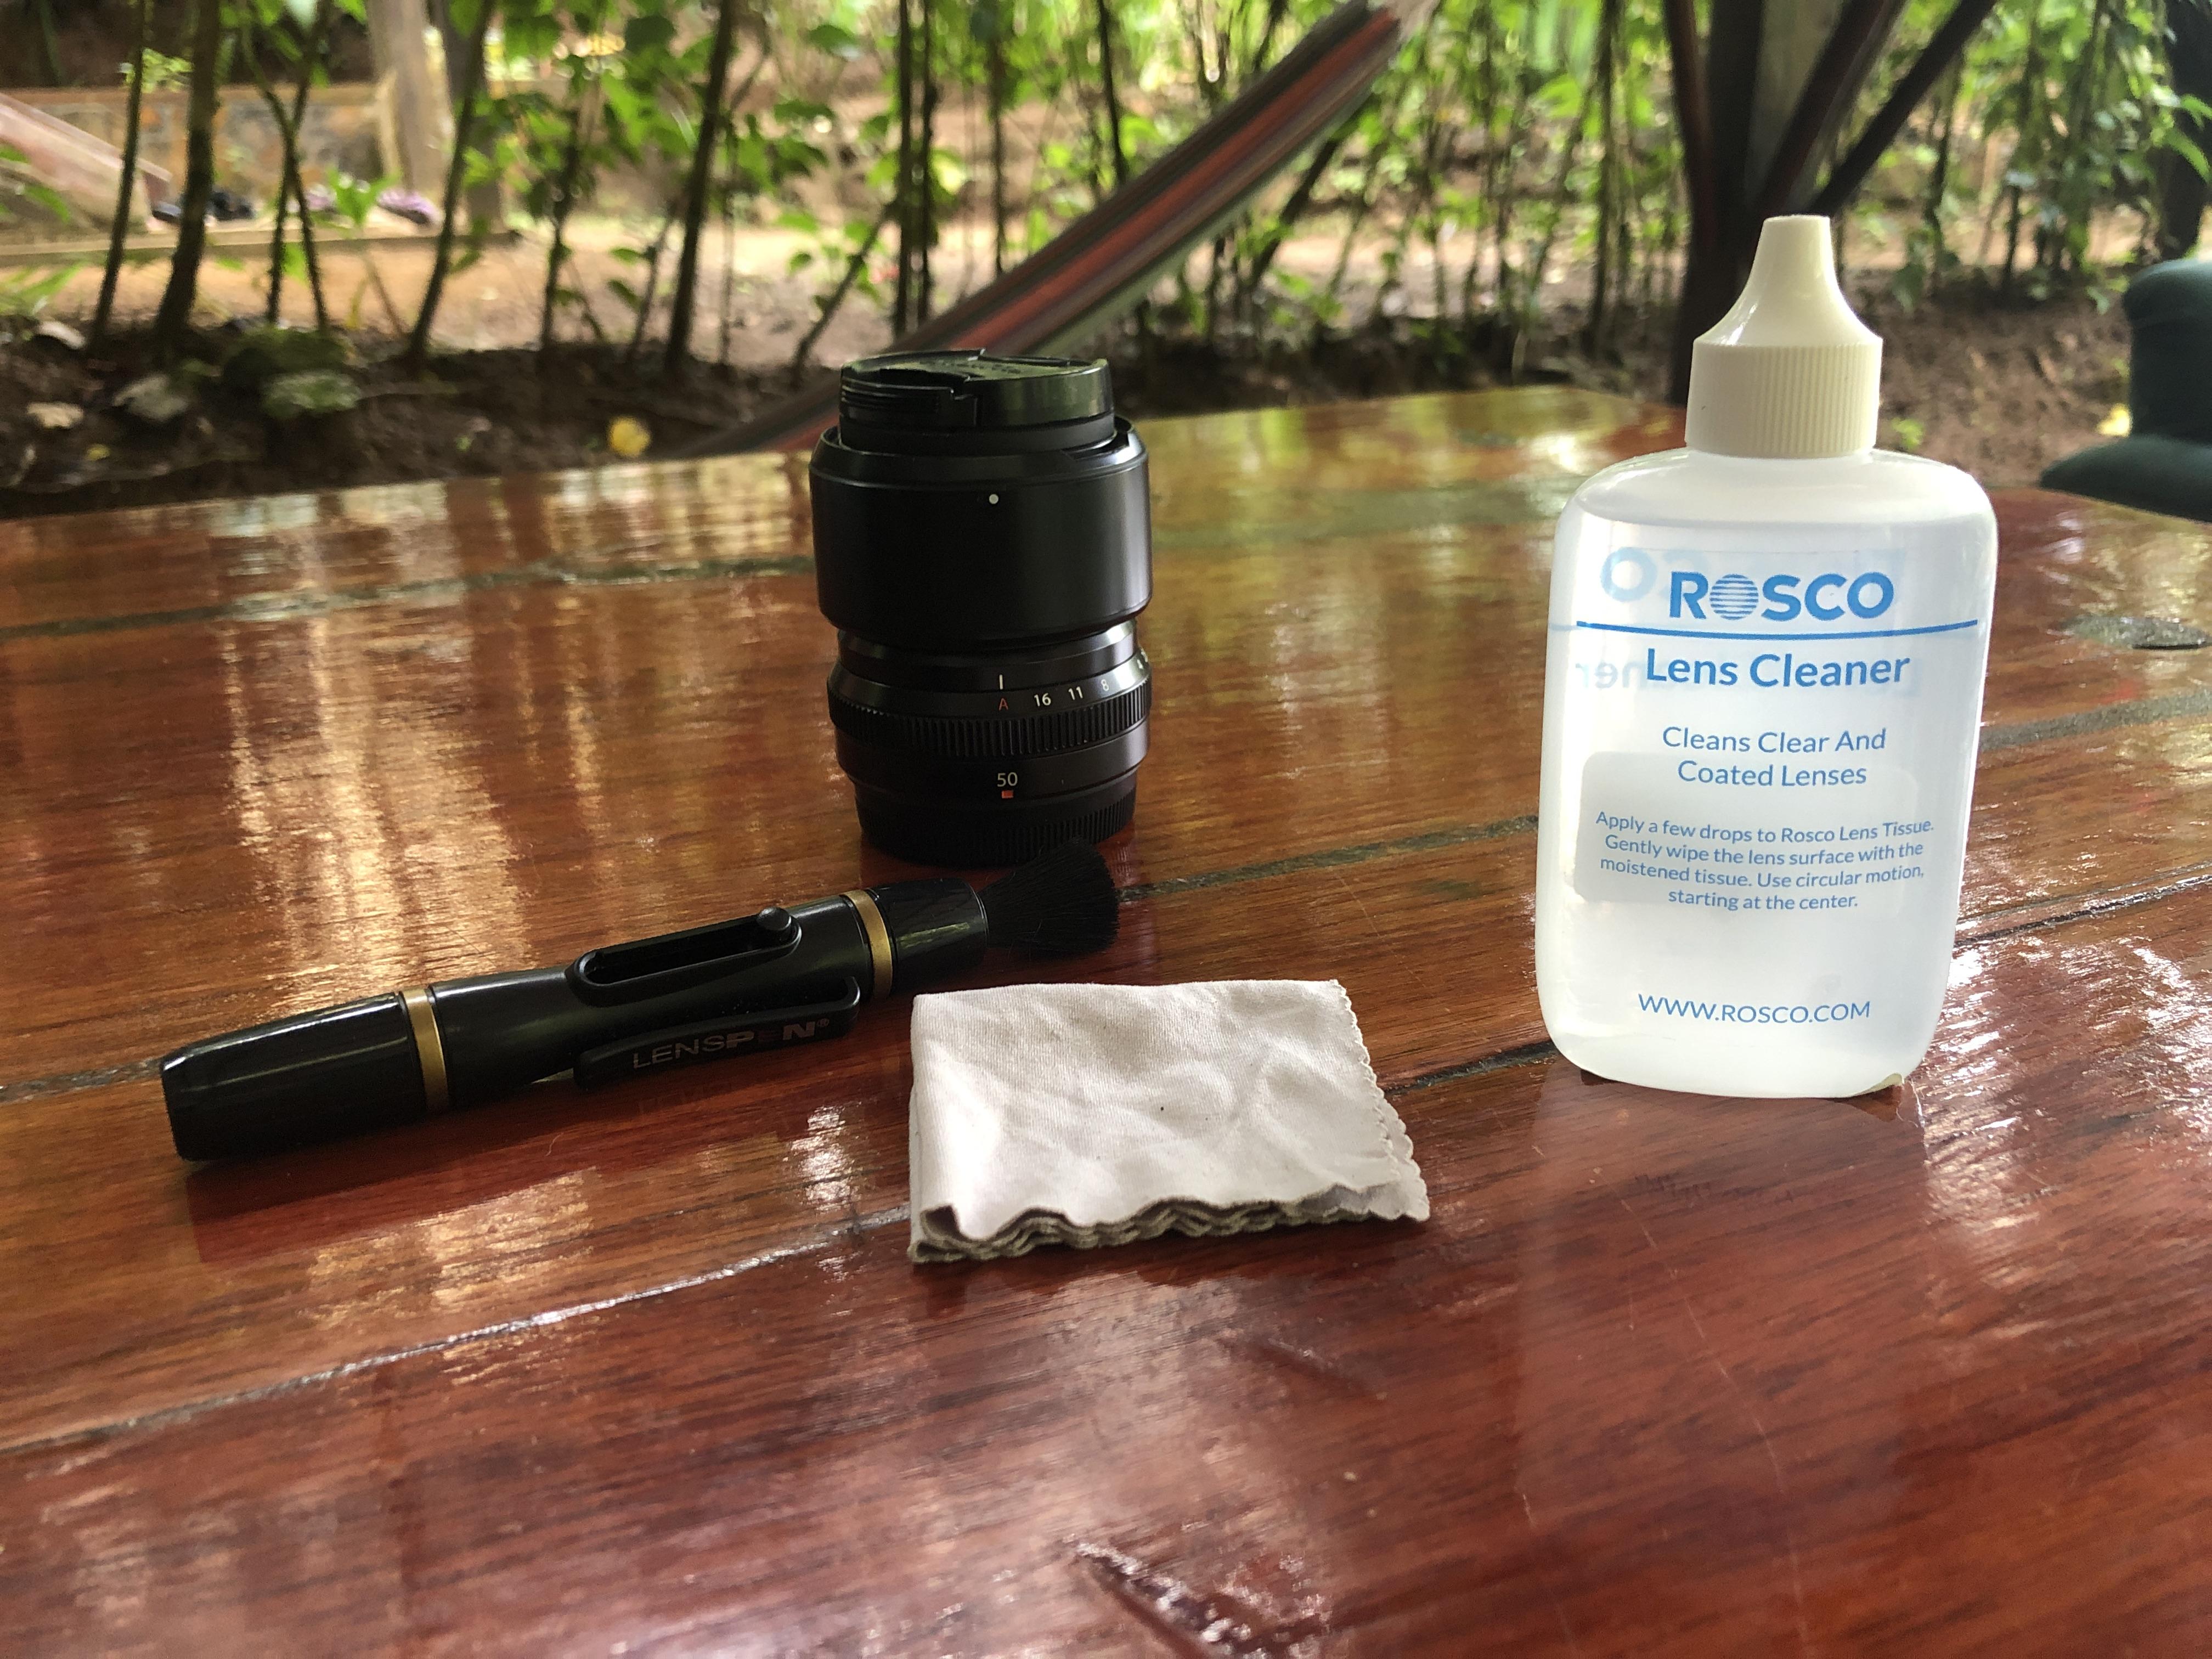 materiel nettoyage capteur photo